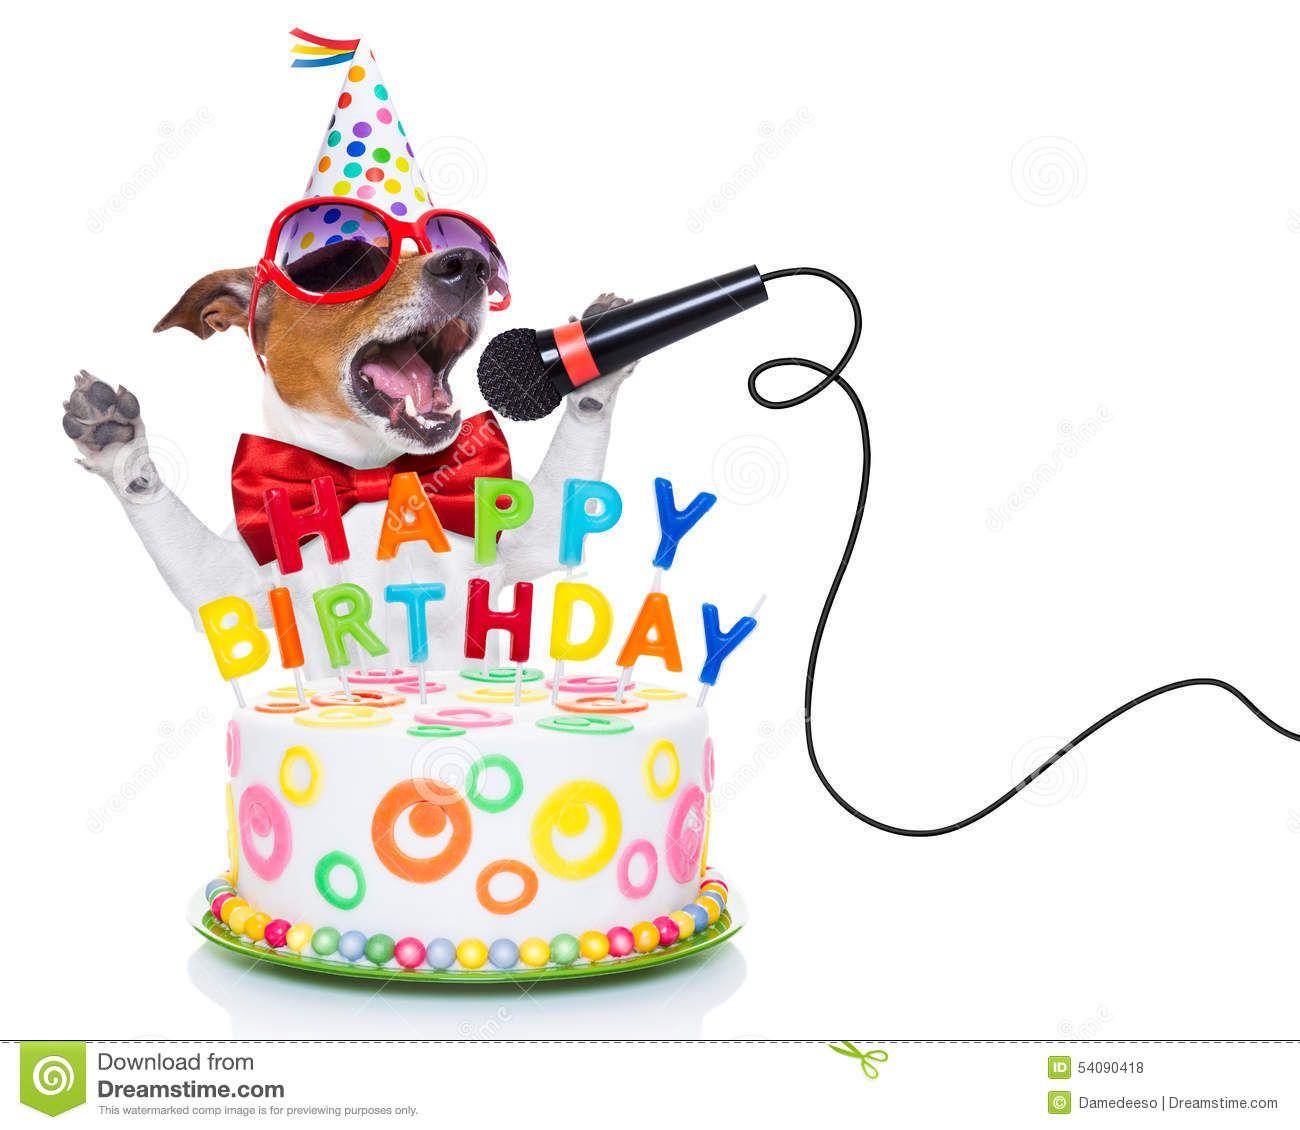 Happy Birthday Evelyn Cake